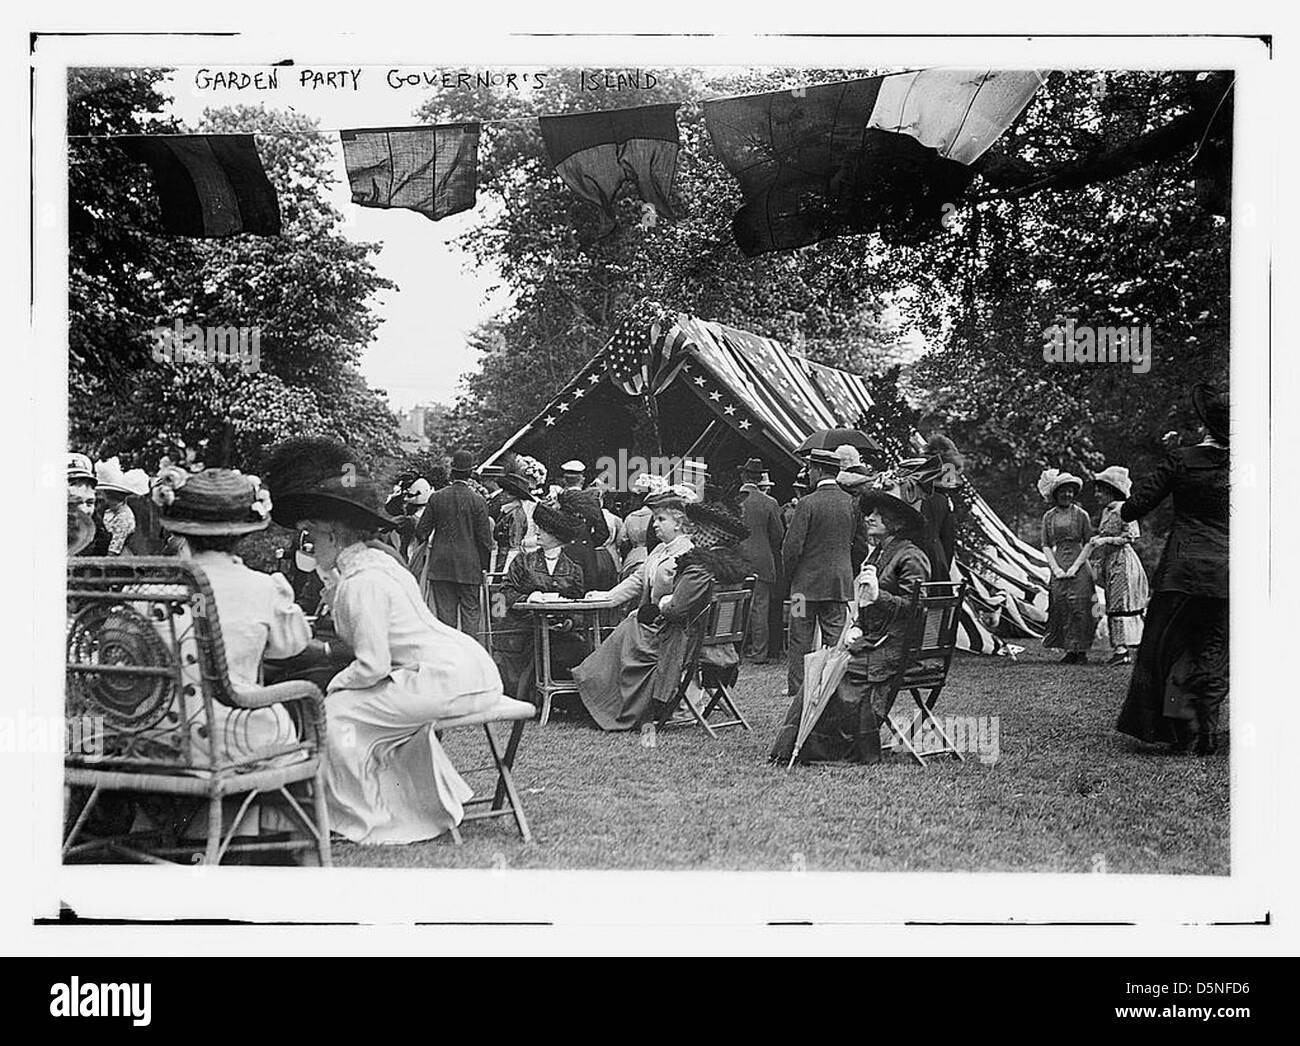 Party in giardino, Governor's Island (LOC) Immagini Stock